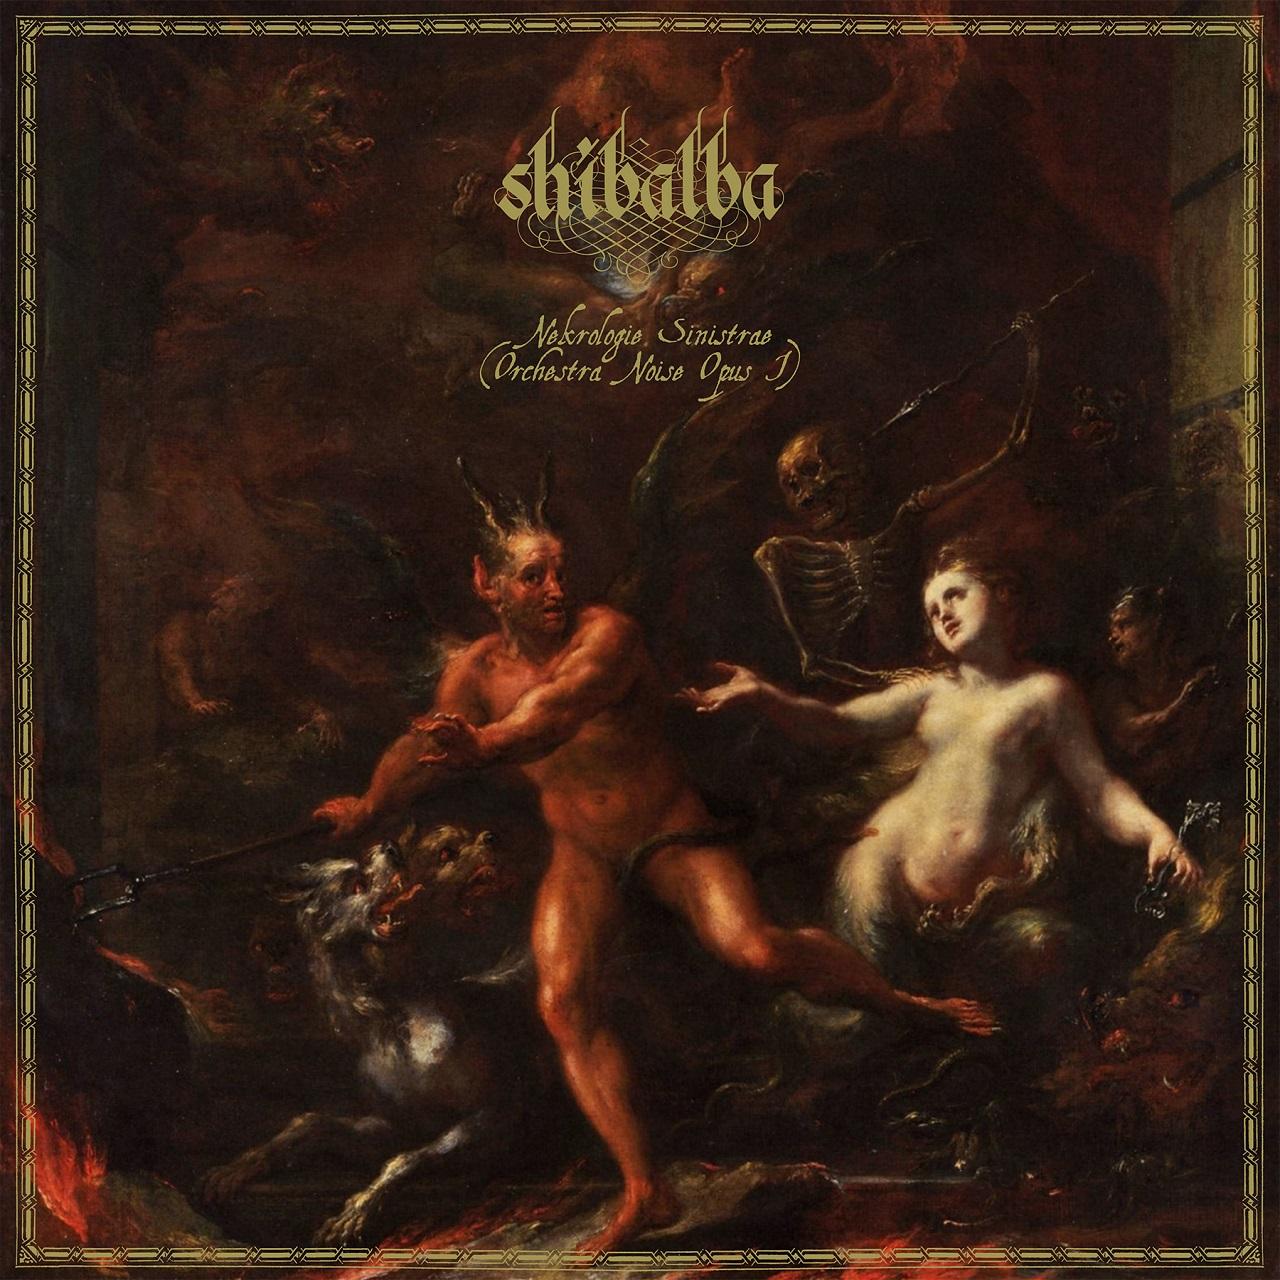 shibalba Nekrologie Sinistrae (Orchestral Noise Opus I) artwork